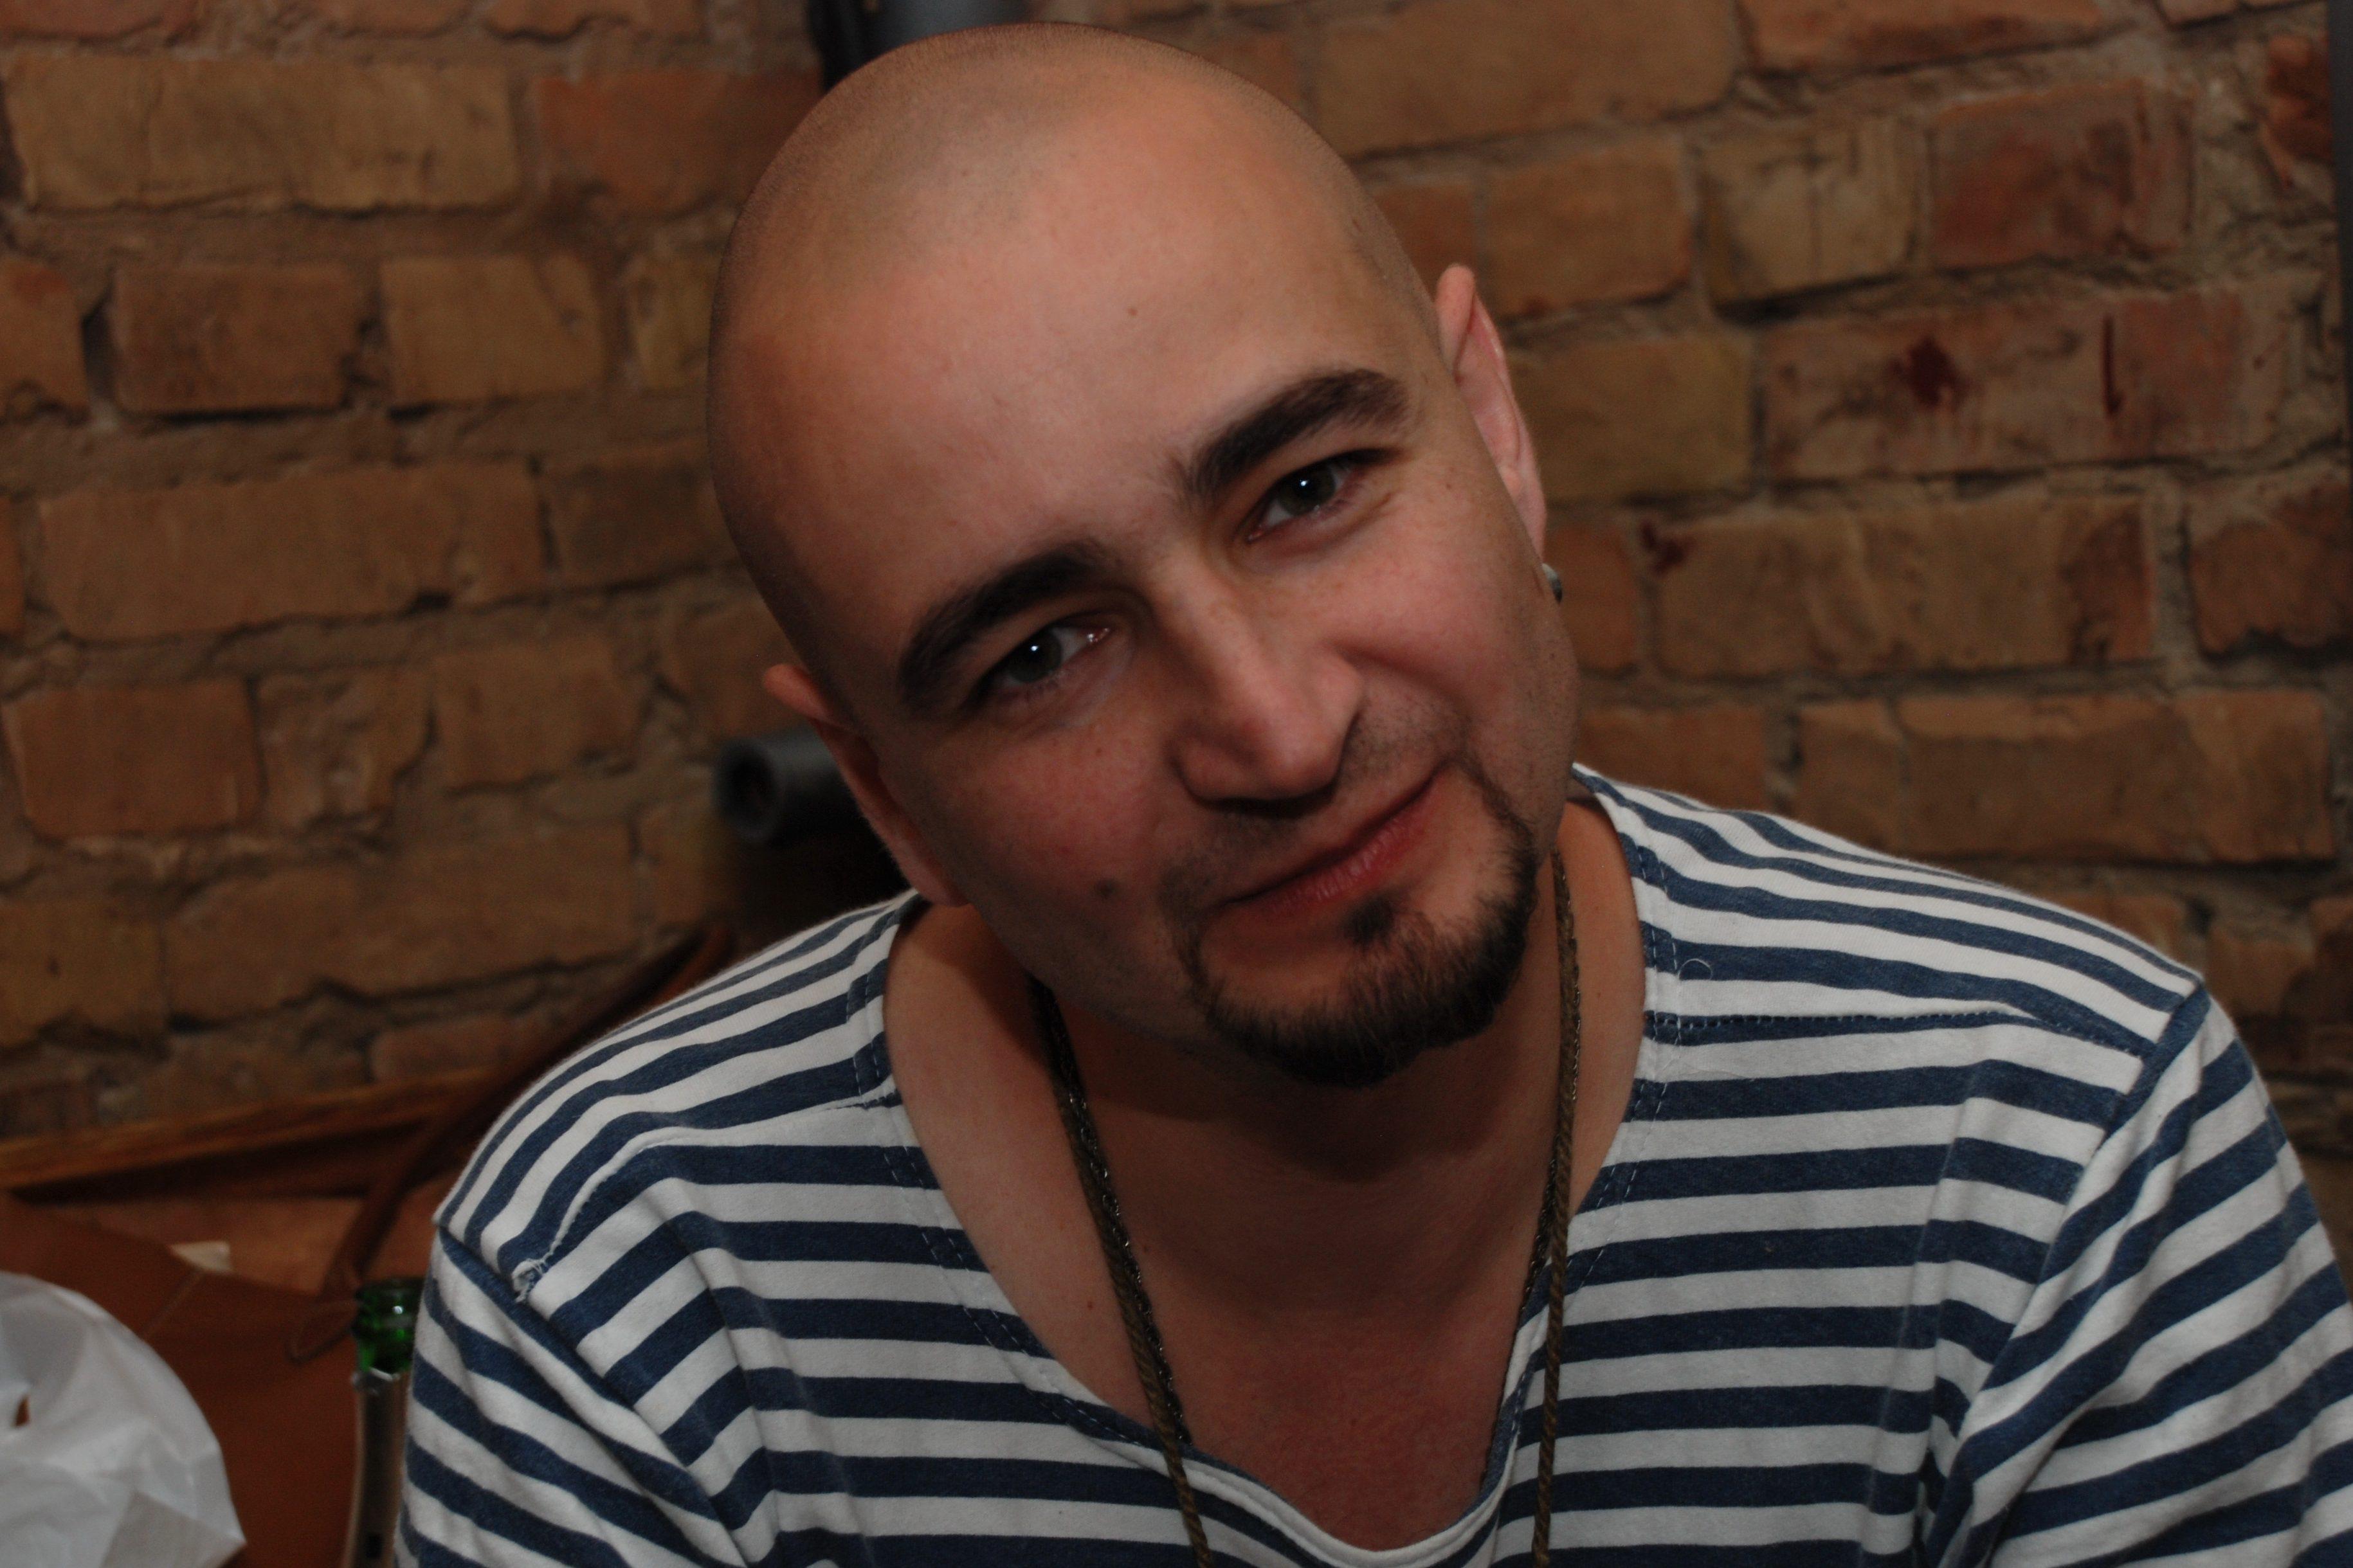 Темная полоска вХарькове: известный украинец попал в ужасную трагедию